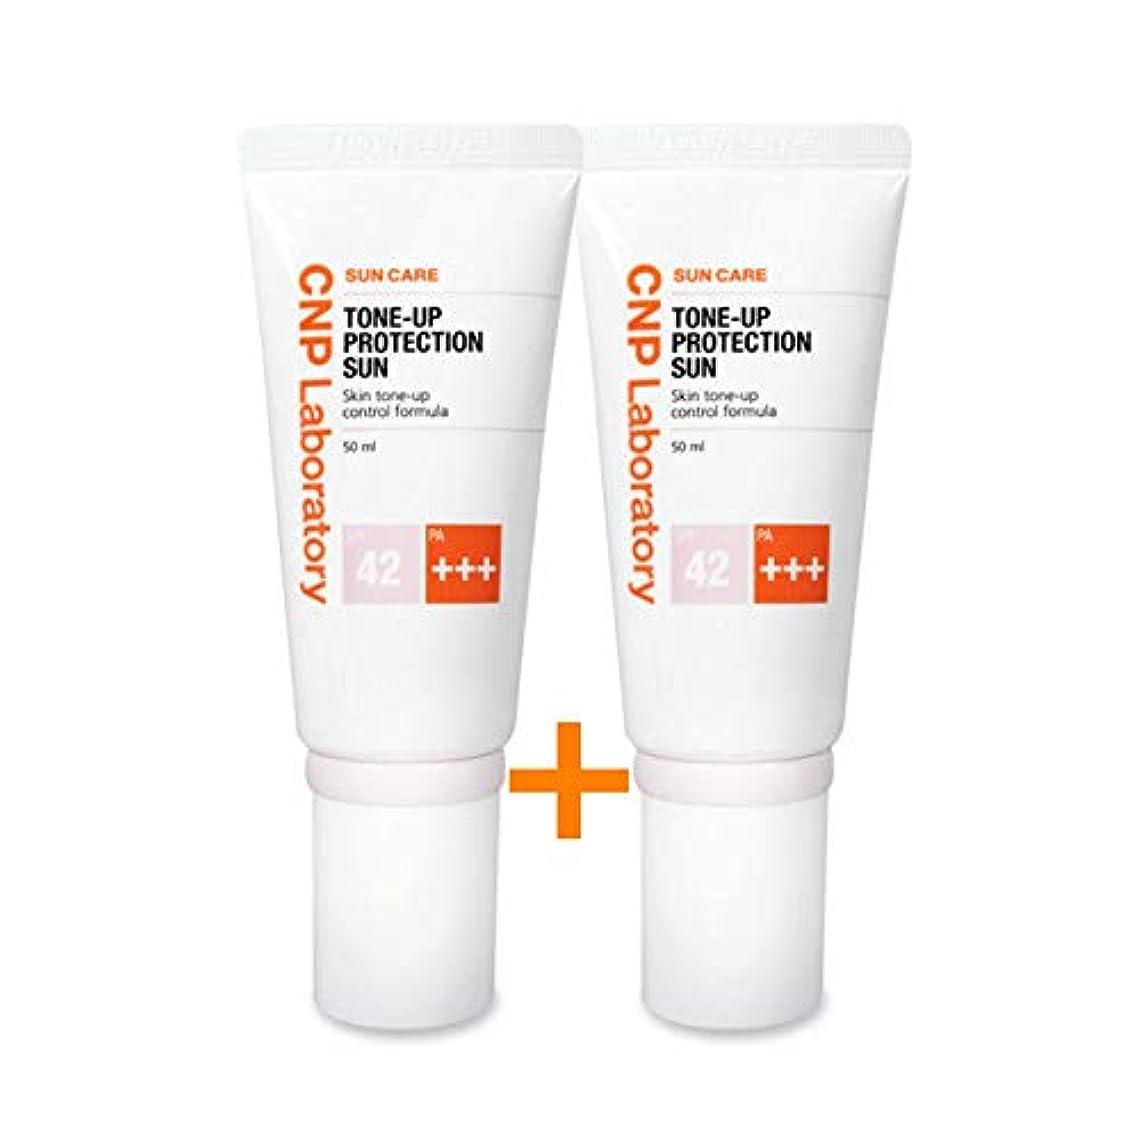 オリエンテーション練習こしょう[ 1 + 1 ] CNPトンオププロテクションサン?クリーム紫外線遮断剤 (SPF42 / PA+++) 50ml、CNP Tone-up Protection Sun Cream (SPF42 / PA+++) 50ml...